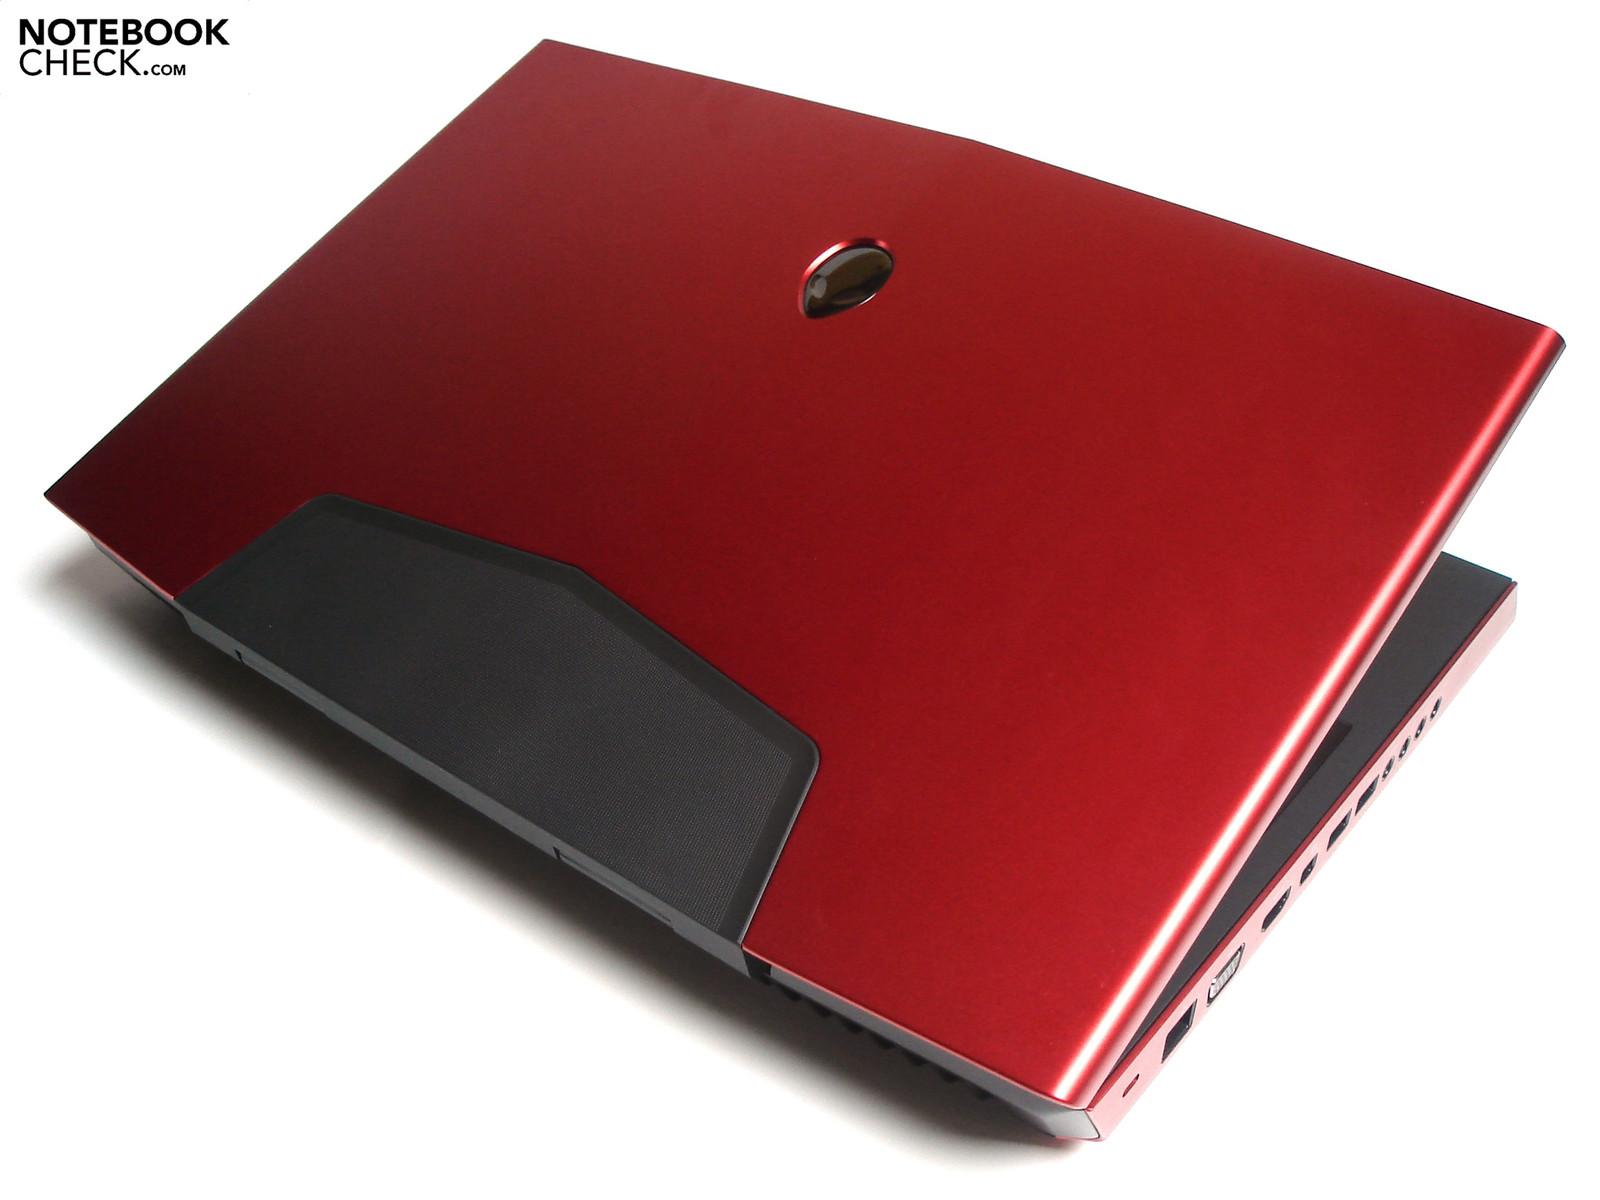 test alienware m18x notebook tests. Black Bedroom Furniture Sets. Home Design Ideas